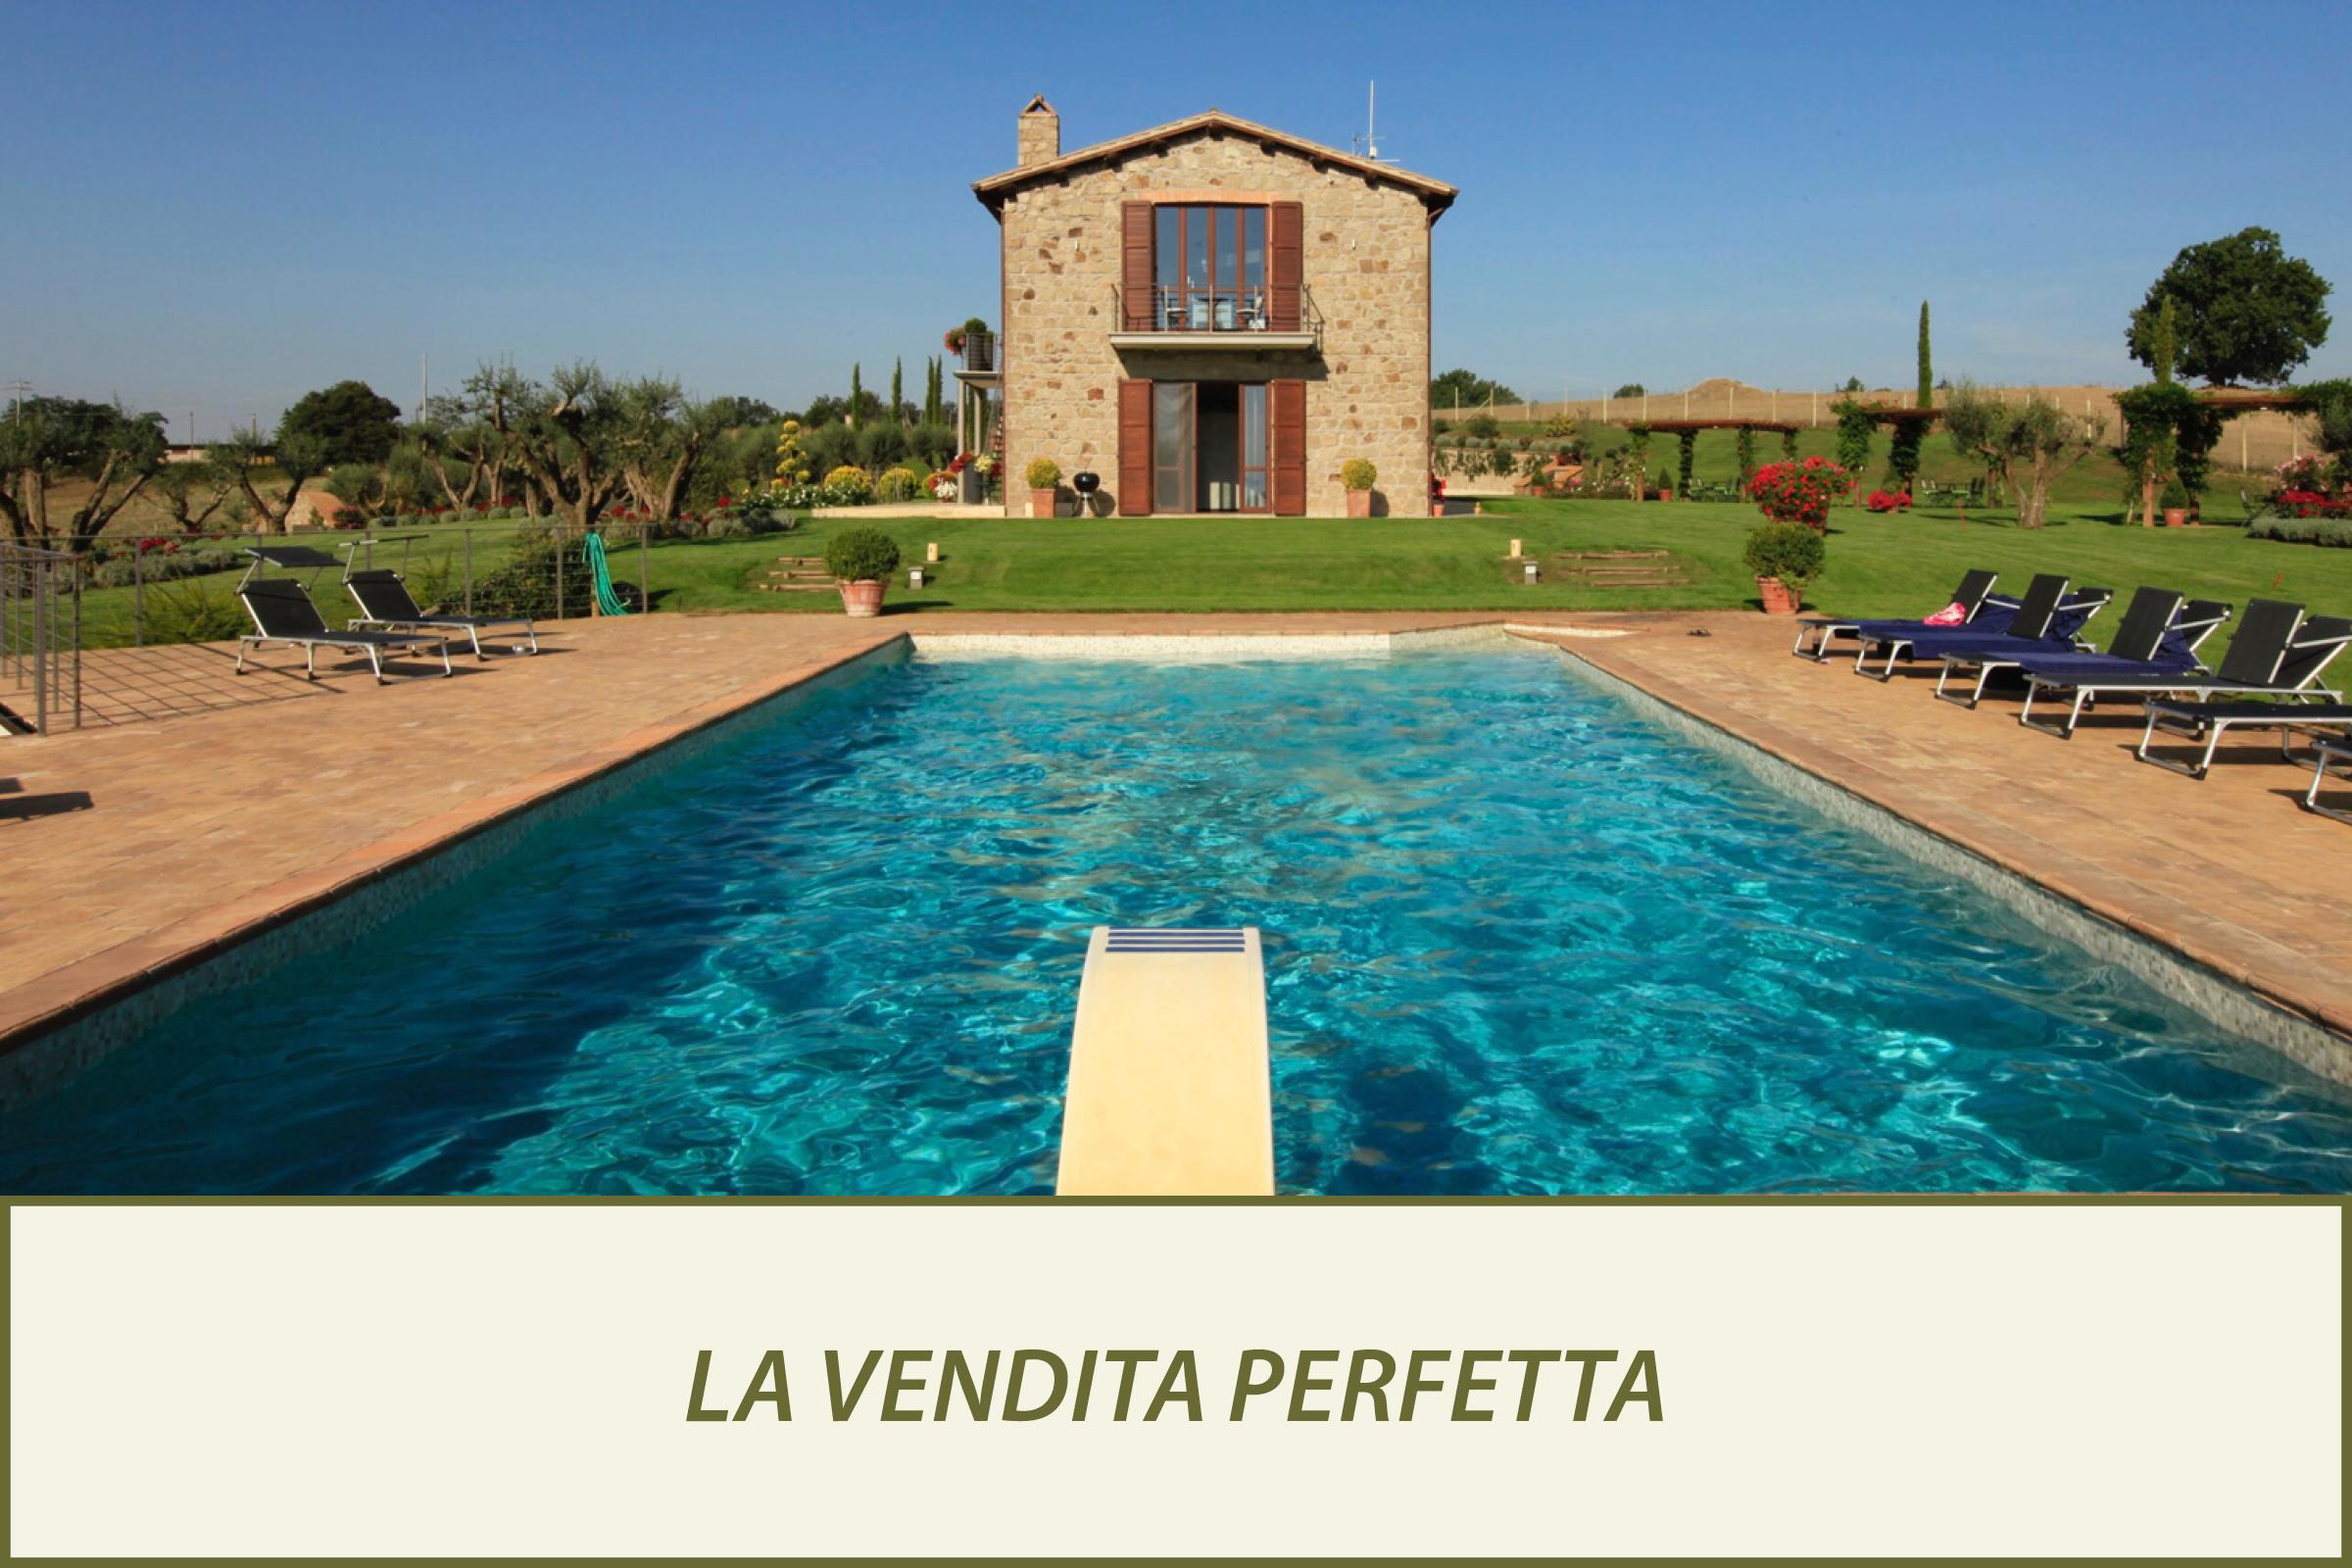 Protetto: La vendita perfetta: i 9 segreti per vendere una proprietà da un milione di euro in soli 3 mesi, generando più di 70.000 euro di commissioni